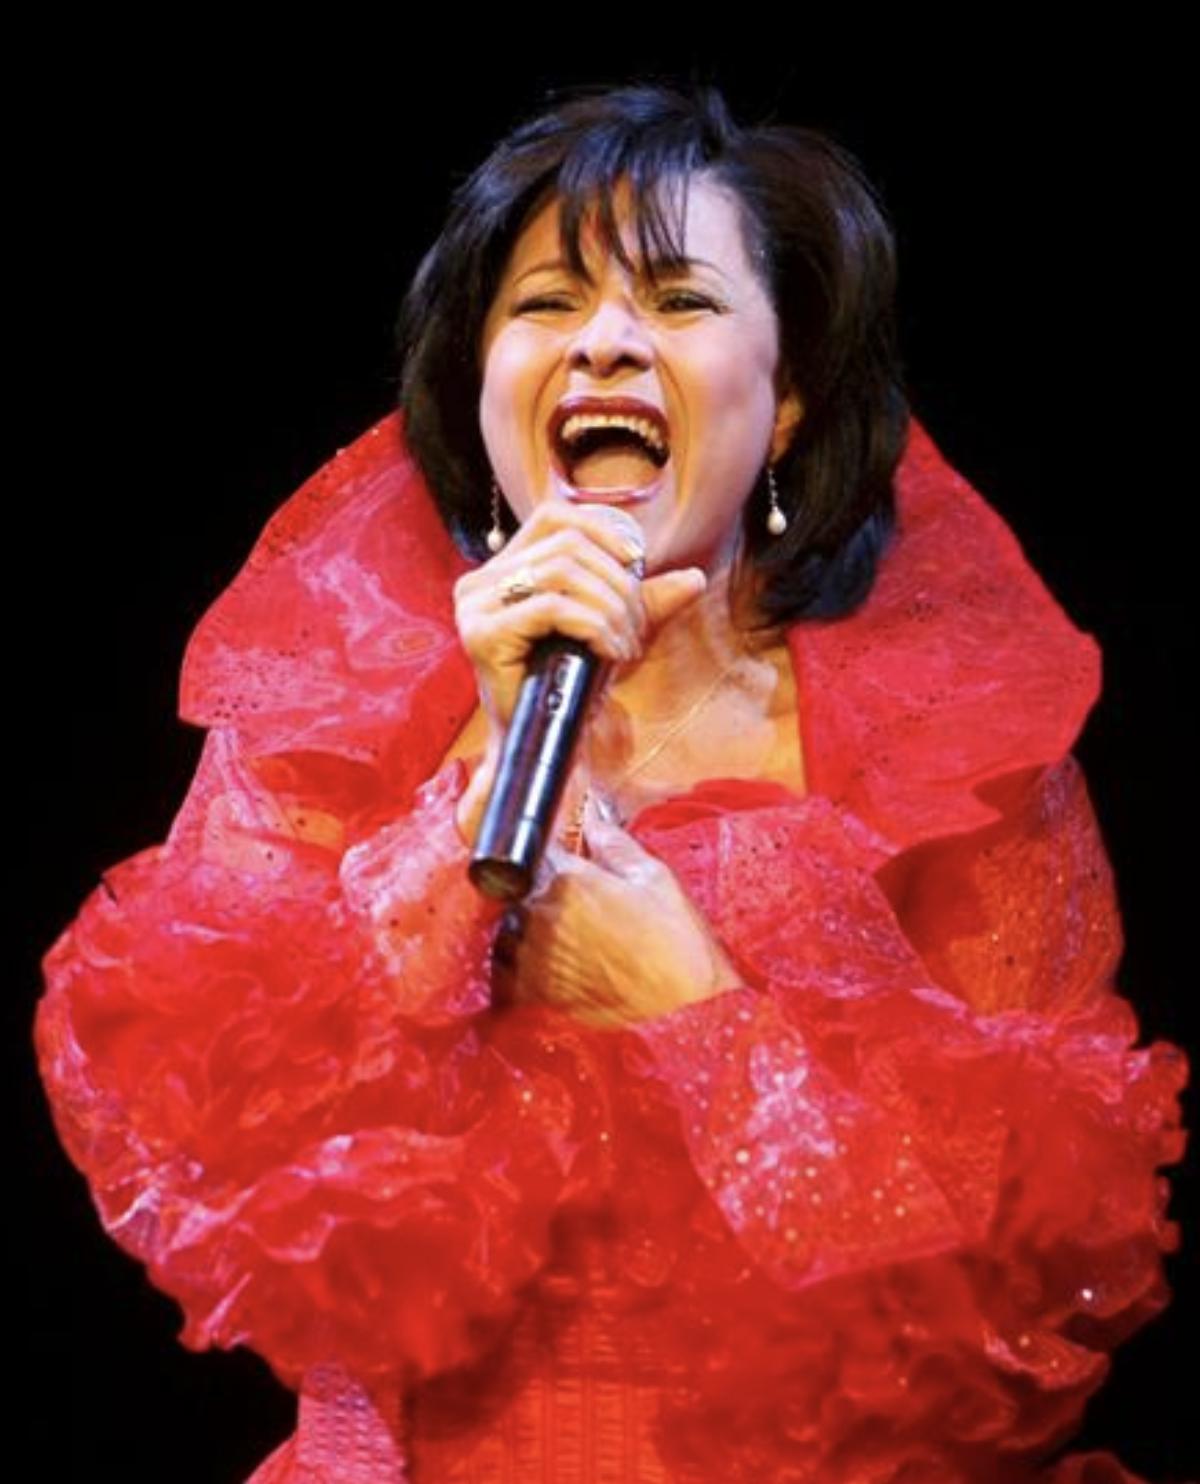 Muere la cantante cubana Farah María